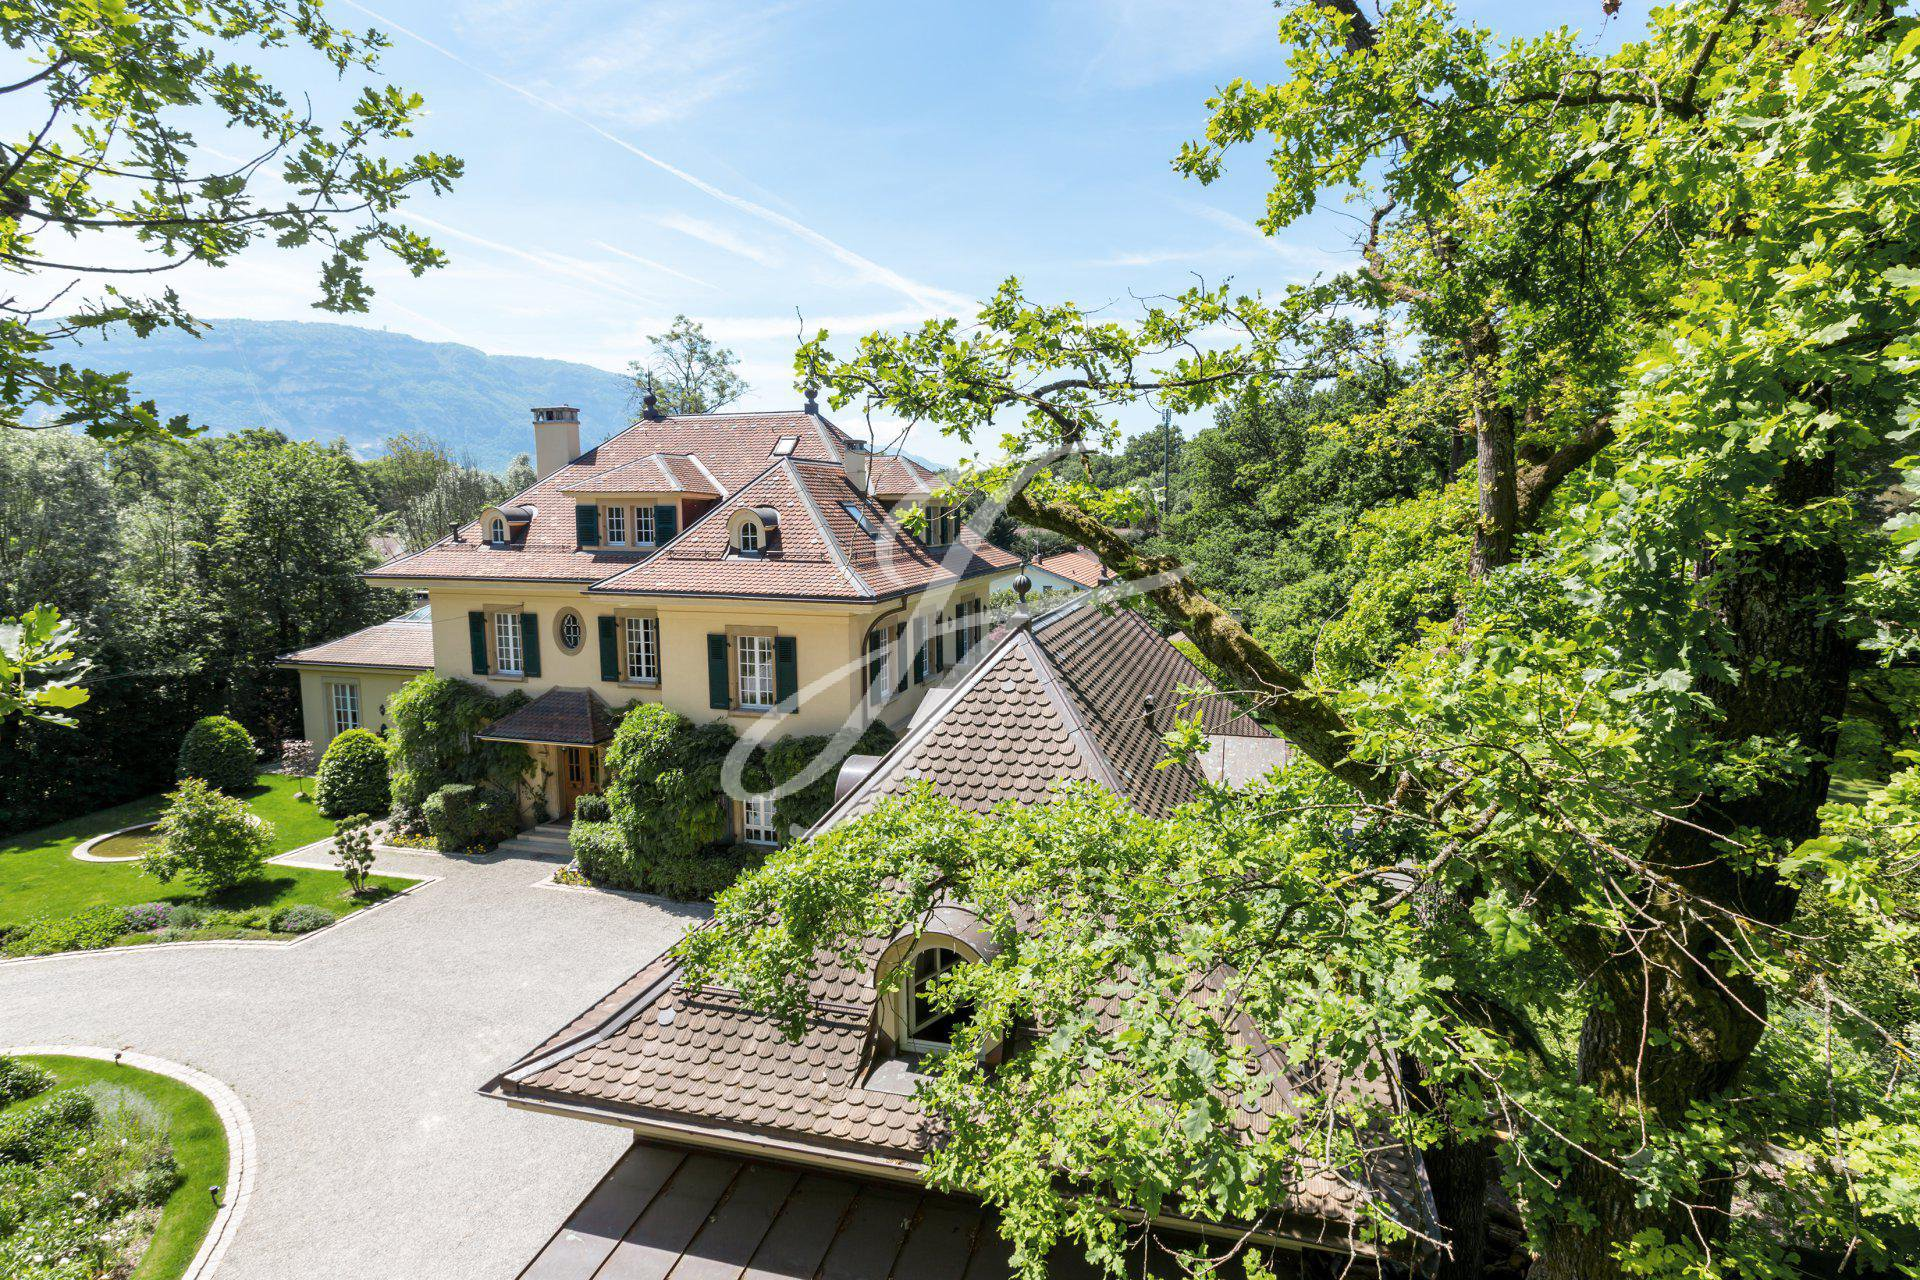 Maison de luxe à vendre à Chêne-Bougerie, Genève, Suisse  John Taylor Switzerland  FINEST RESIDENCES